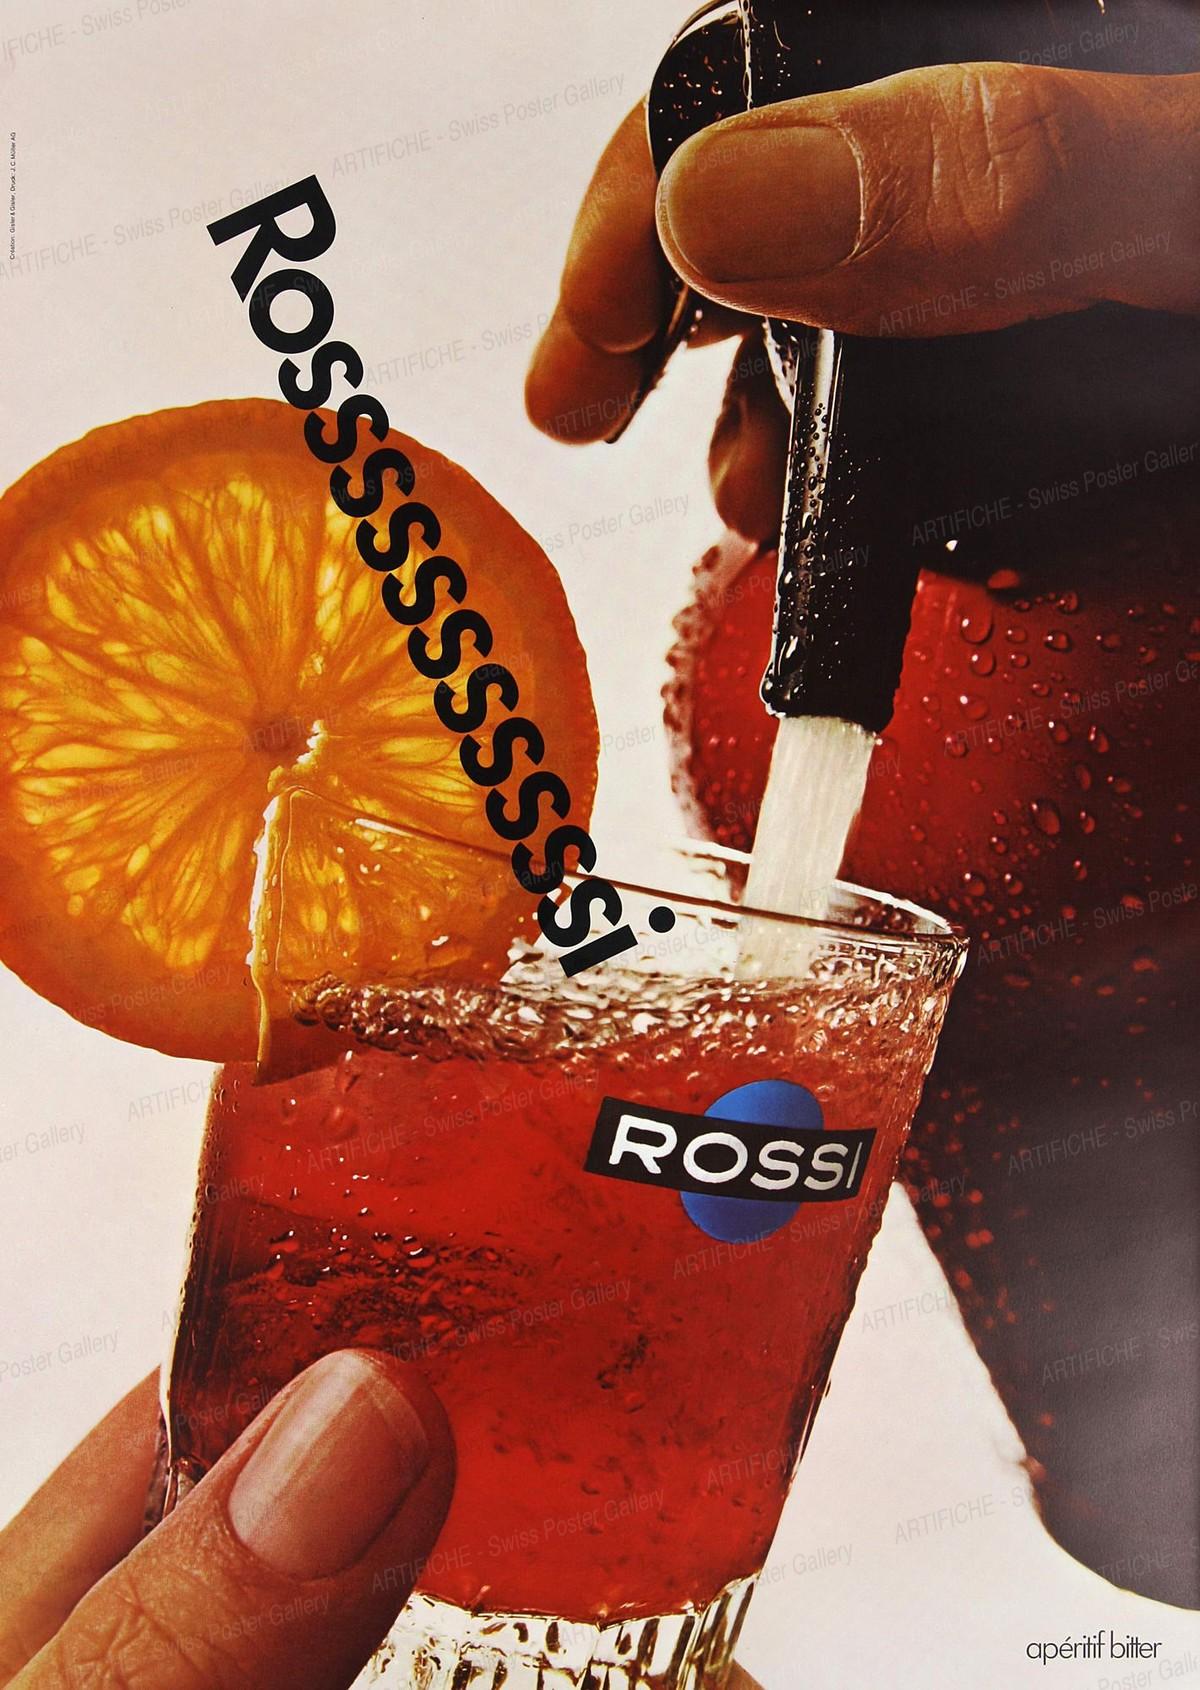 Rossi – apéritif bitter, Gisler & Gisler